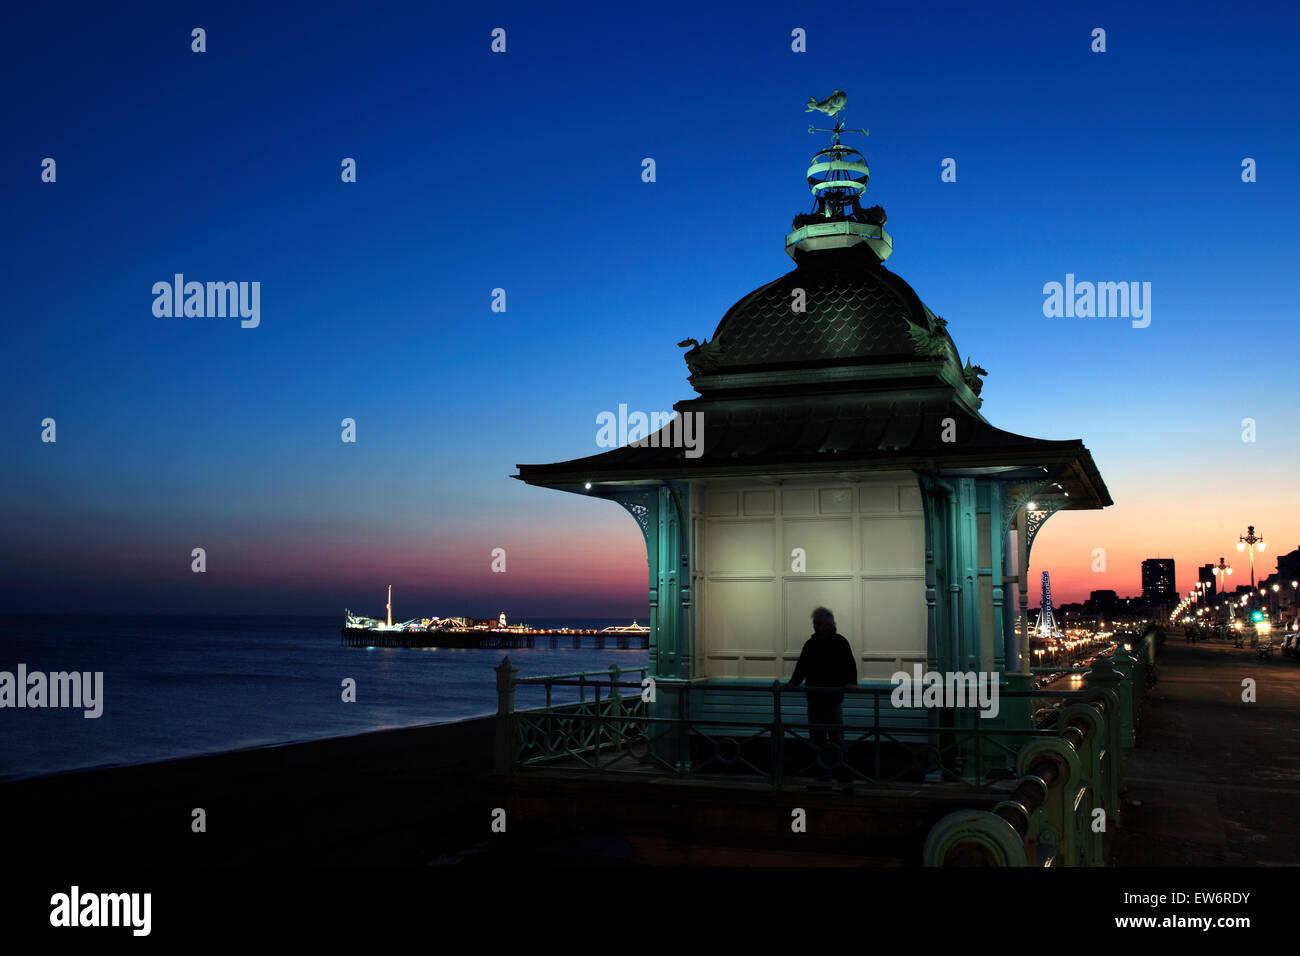 Ciel crépusculaire derrière l'ascenseur de Madère, Marine Parade, Brighton Pier. allume à Photo Stock